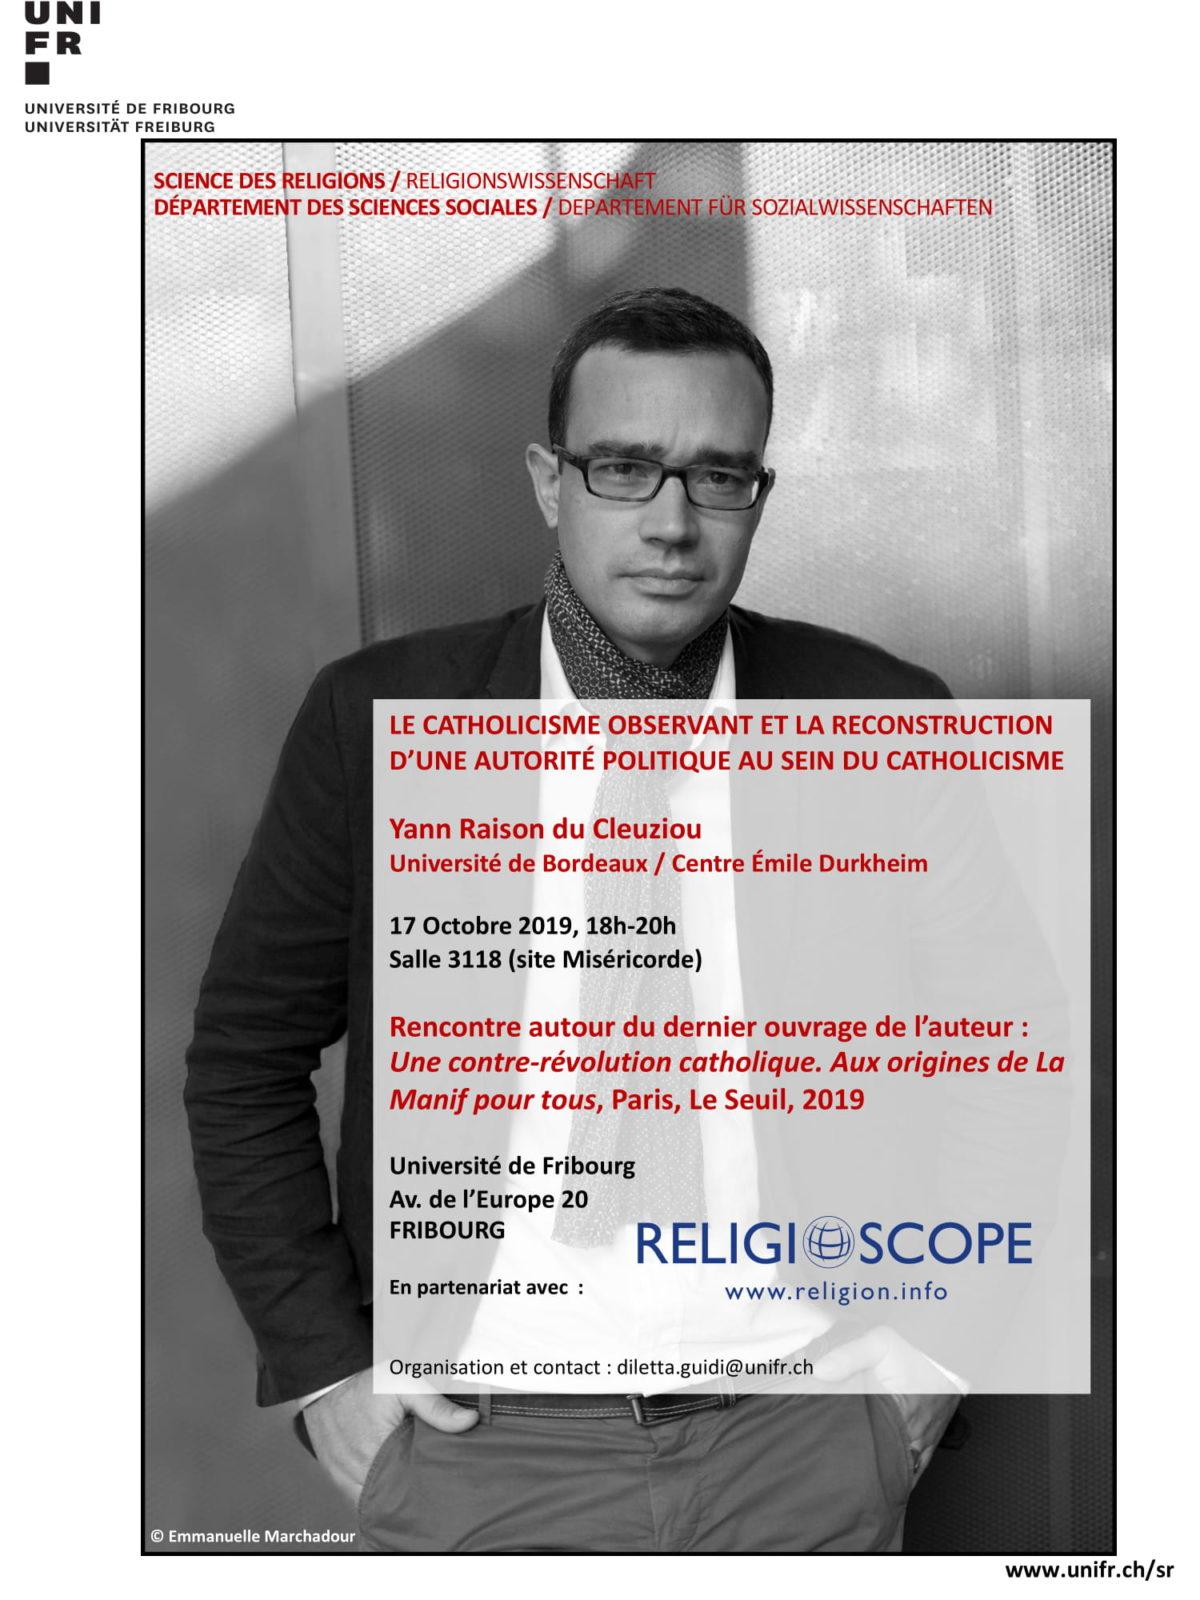 Yann Raison du Cleuziou parlera de son dernier livre à Fribourg le 17 octobre 2019